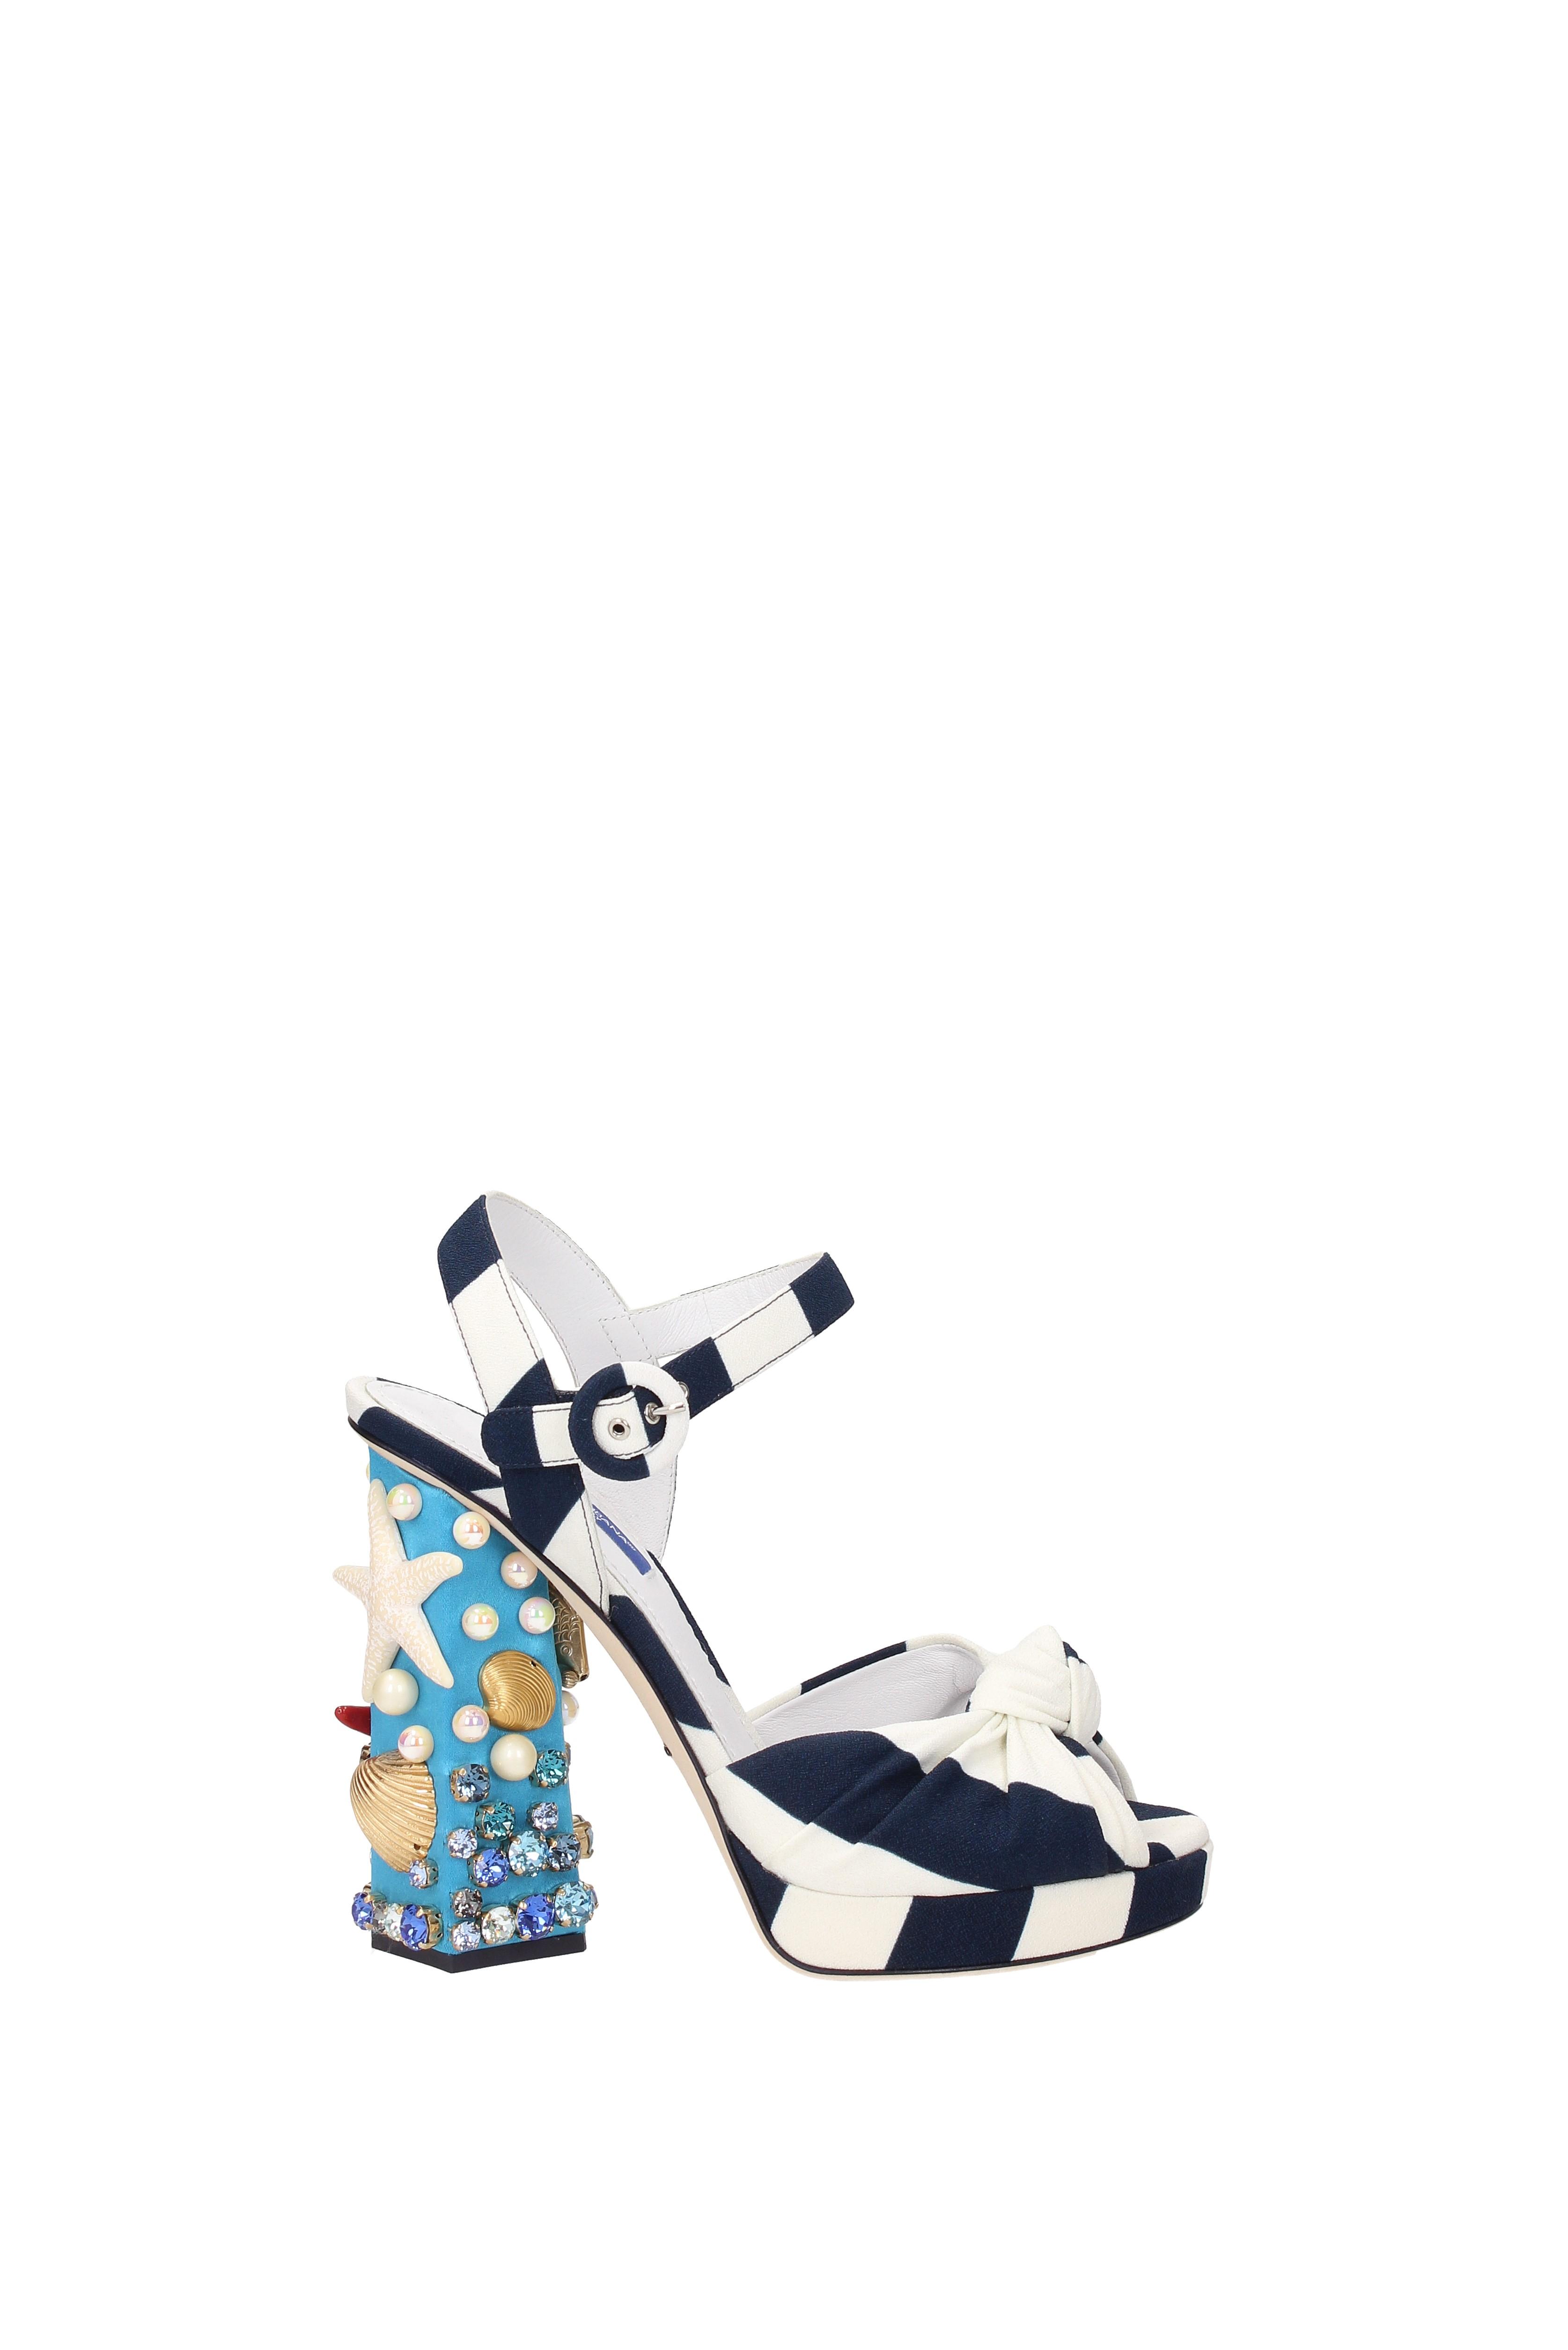 Sandalo  Dolce&Gabbana Donna  Sandalo Donna Tessuto (CR0286AG200) 3a54c2   009907